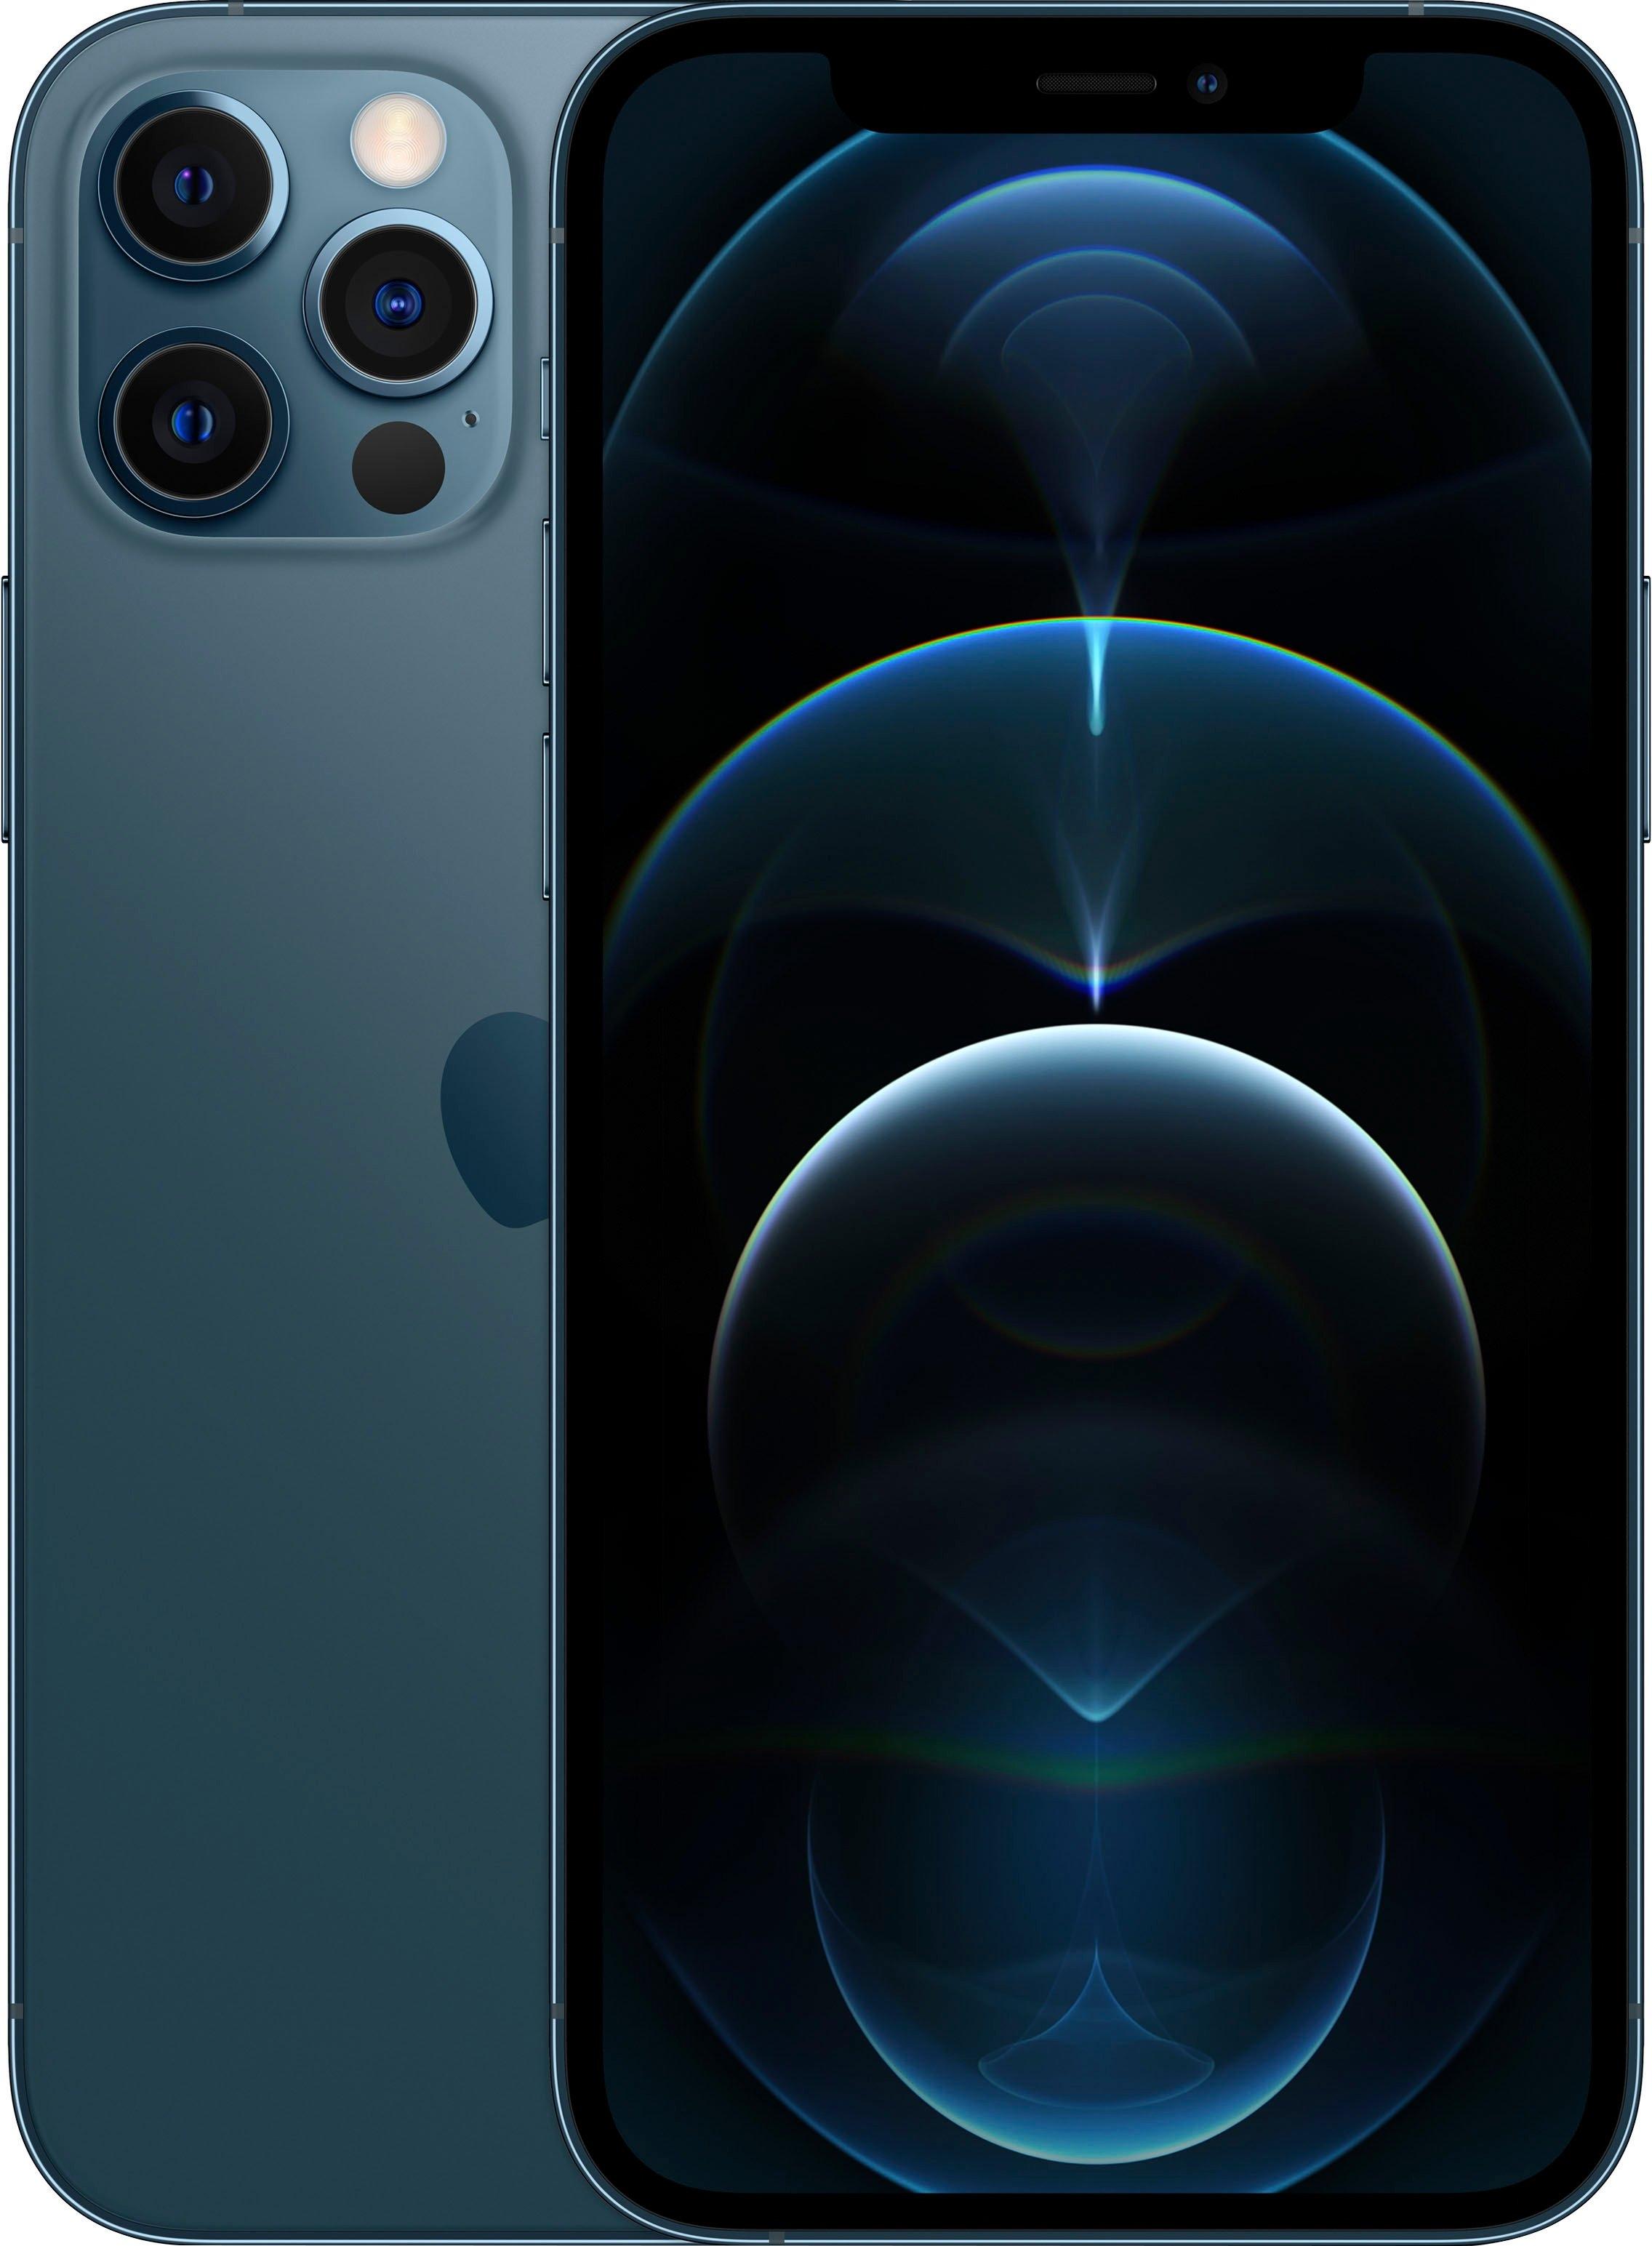 Apple smartphone IPhone 12 Pro, 128 GB, zonder stroom-adapter en hoofdtelefoon, compatibel met airpods, airpods pro, earpods hoofdtelefoon bij OTTO online kopen